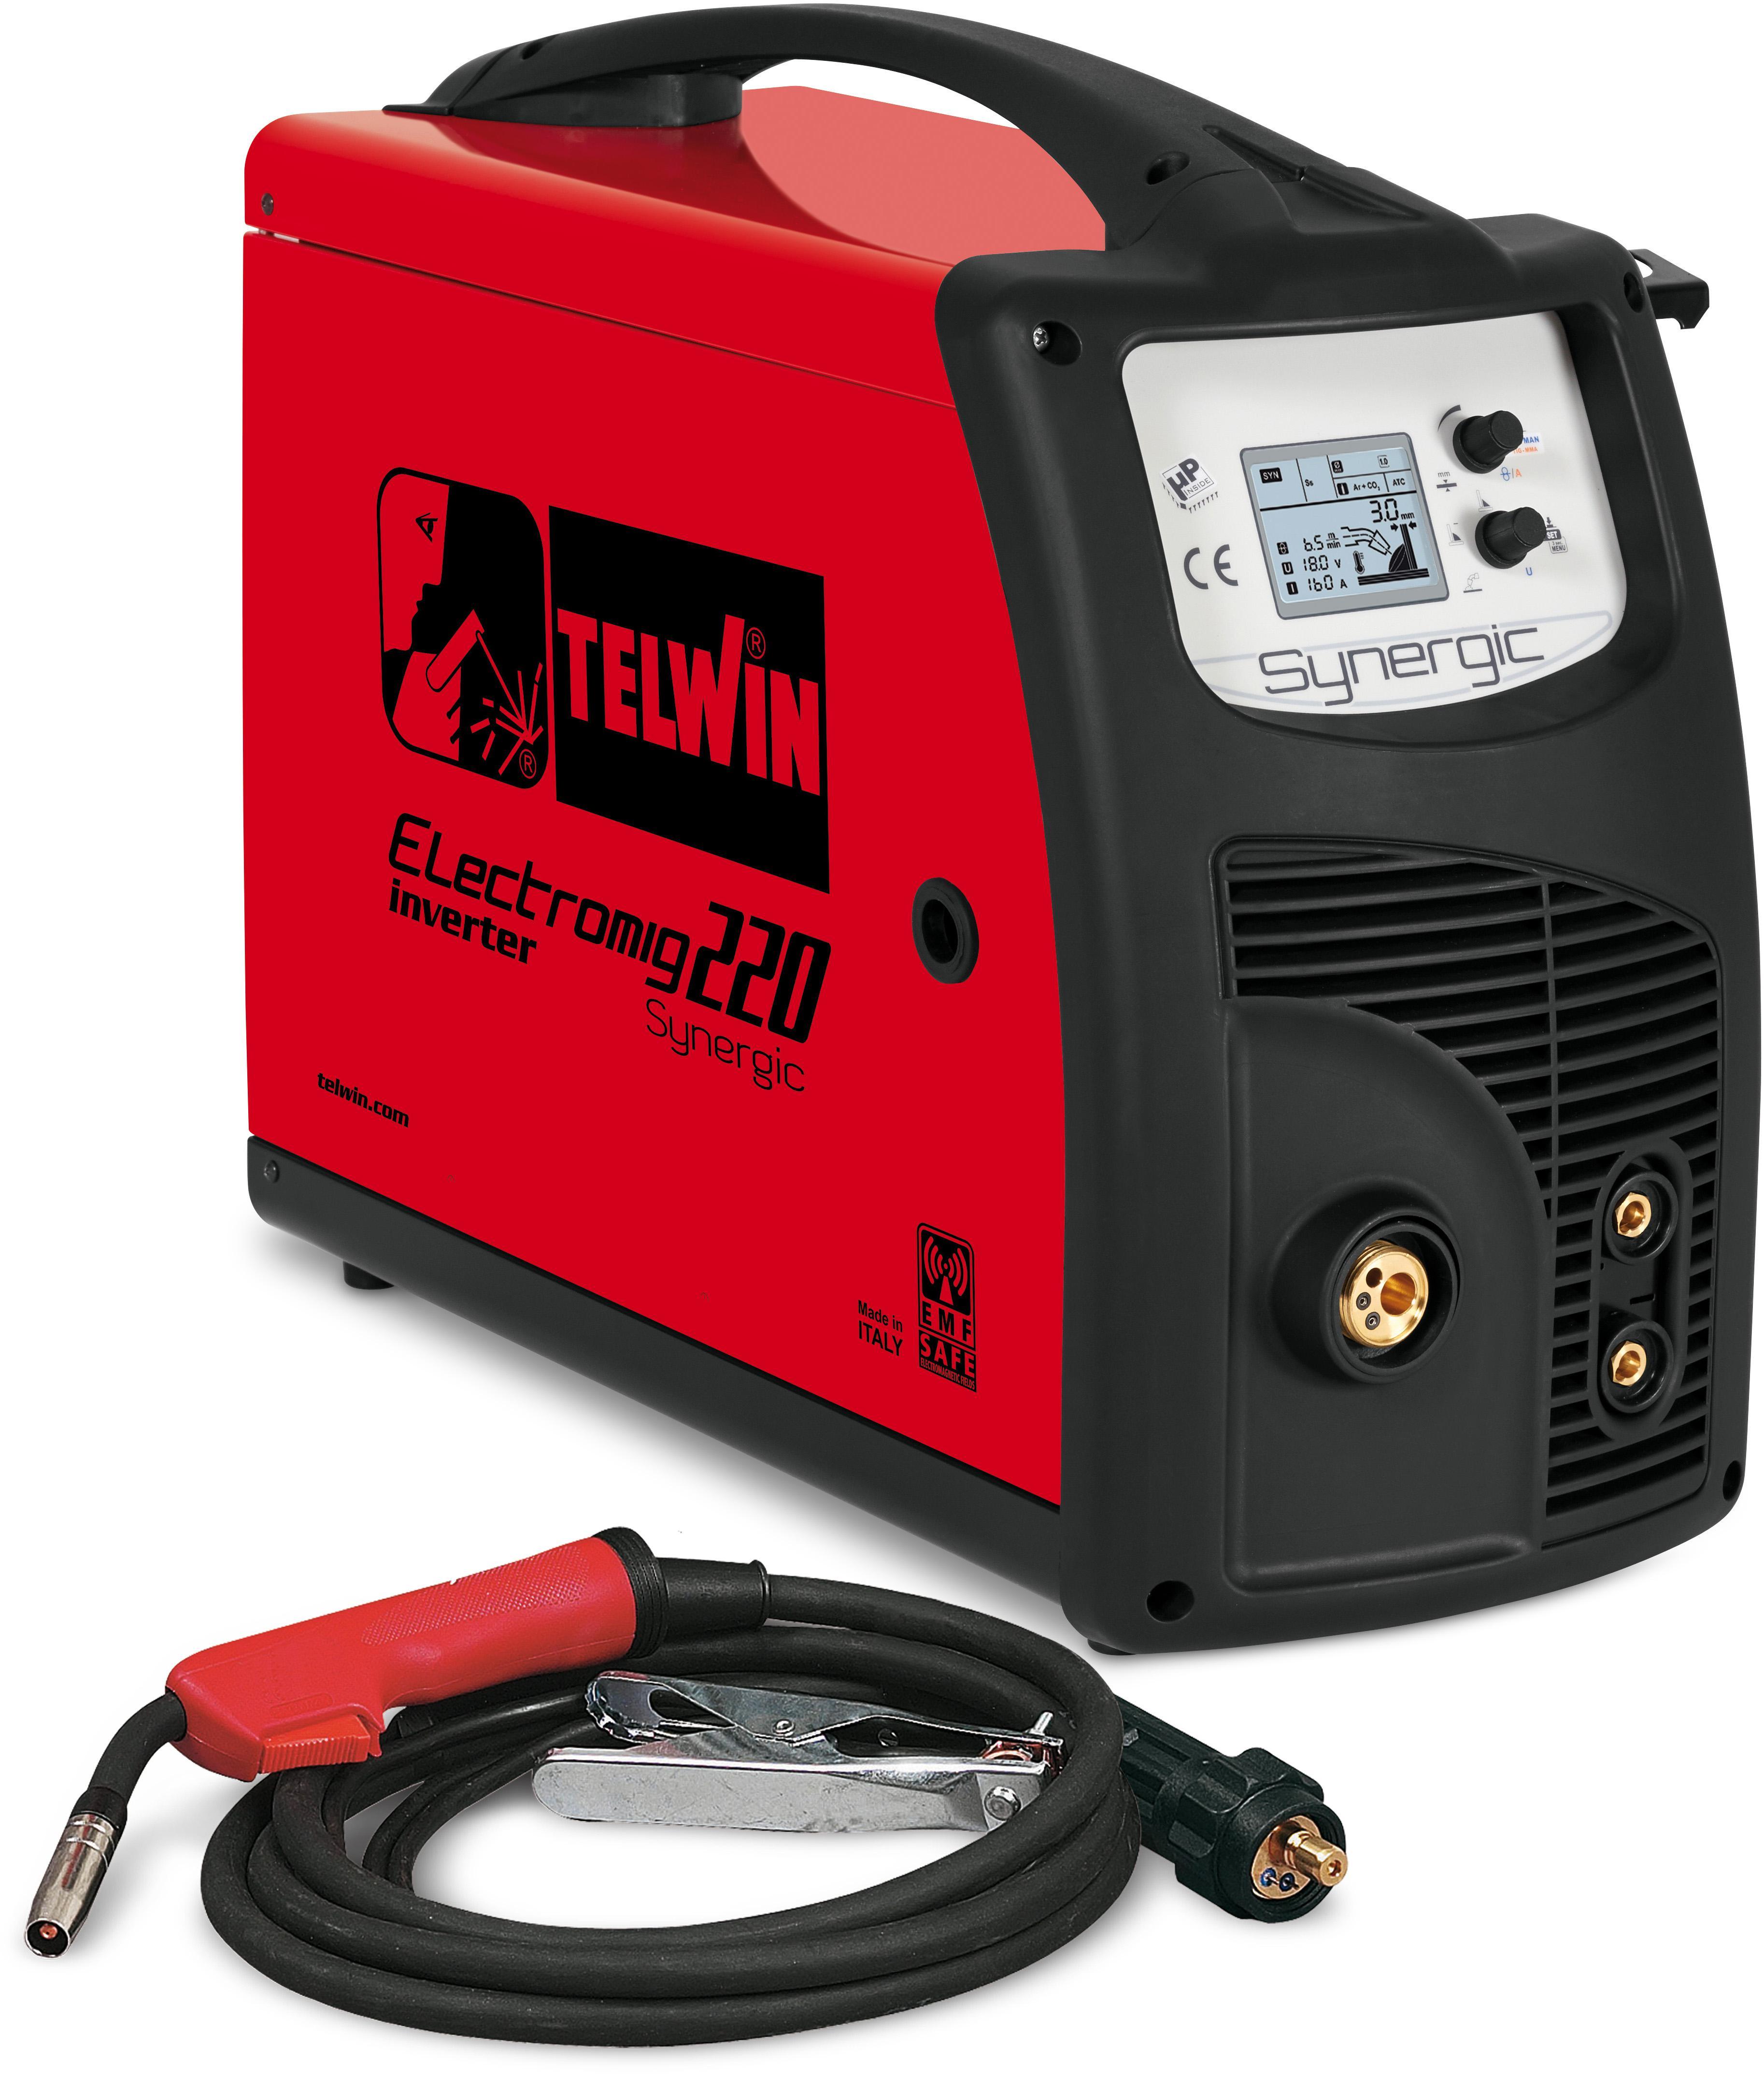 Купить Сварочный аппарат Telwin Electromig 220 synergic 400v